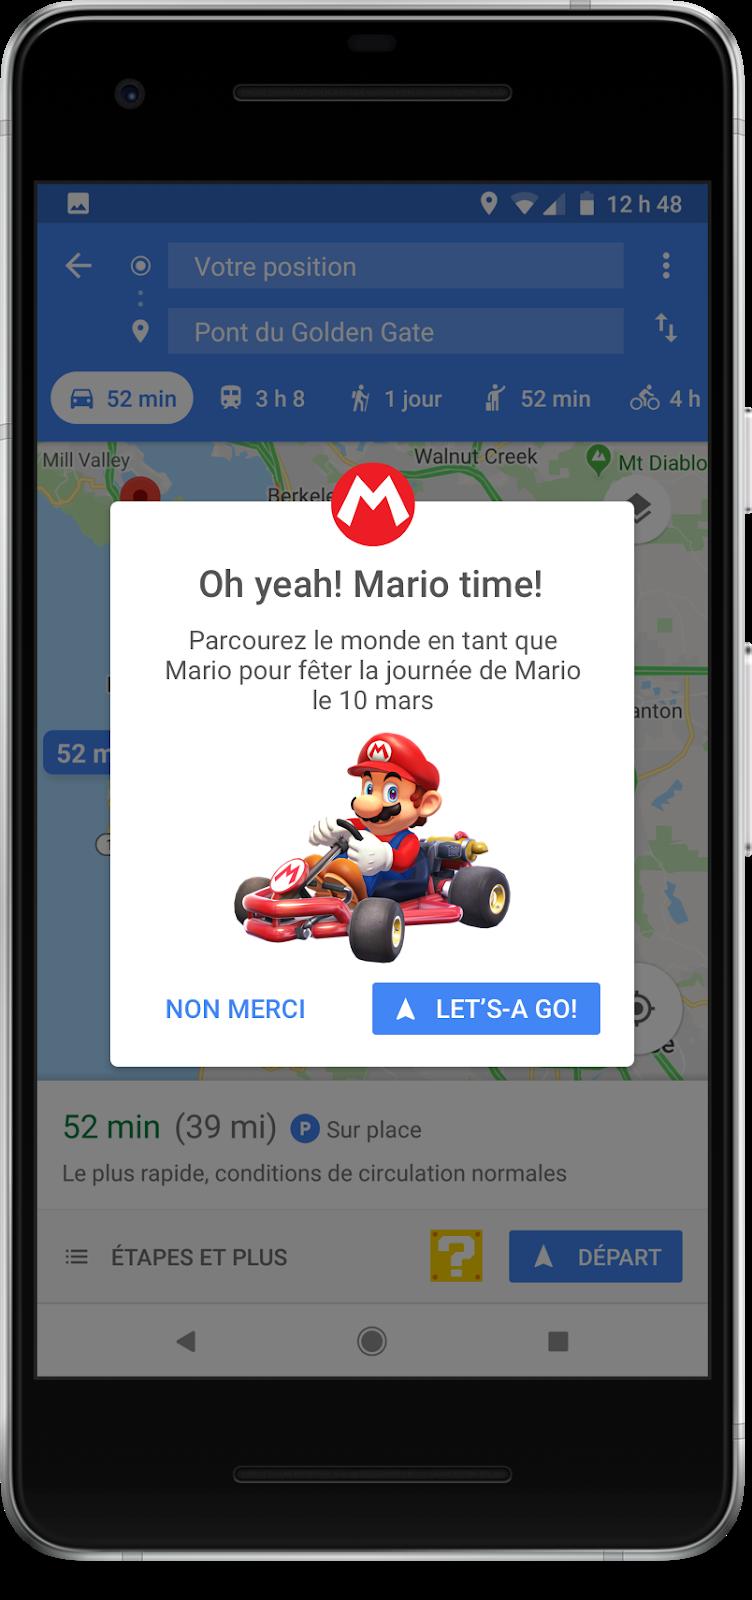 Invitez Mario dans l'application Google Maps! Le célèbre plombier moustachu vous accompagnera dans tous vos déplacements.